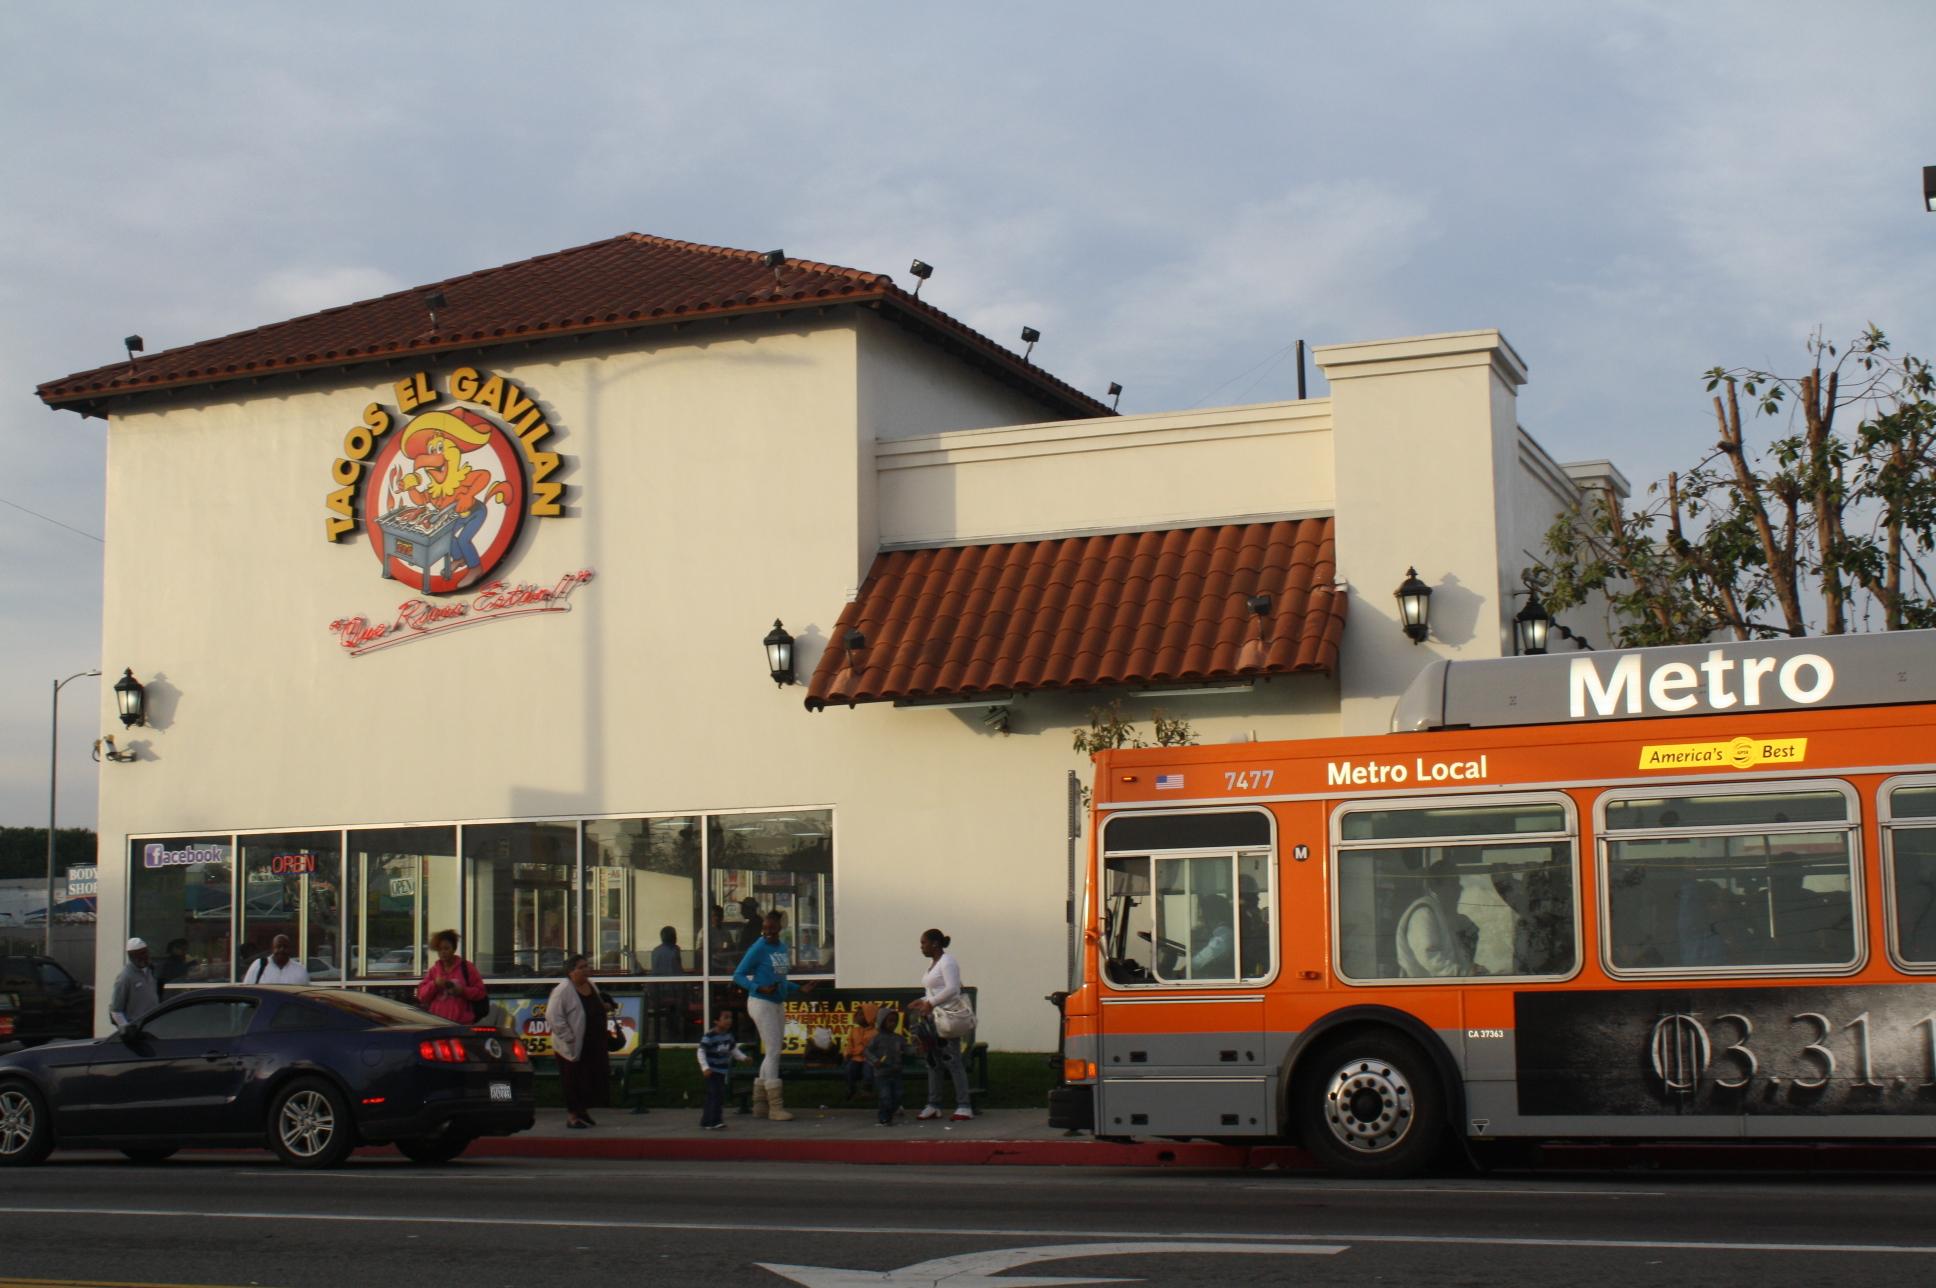 A Tacos El Gavilán en la esquina de la calle Broadway y la avenida Vernon se puede llegar a través de la Línea 105 de Metro por la avenida Vernon y la ruta 45 de Metro por la calle Broadway. (Foto de Agustín Durán/El Pasajero)